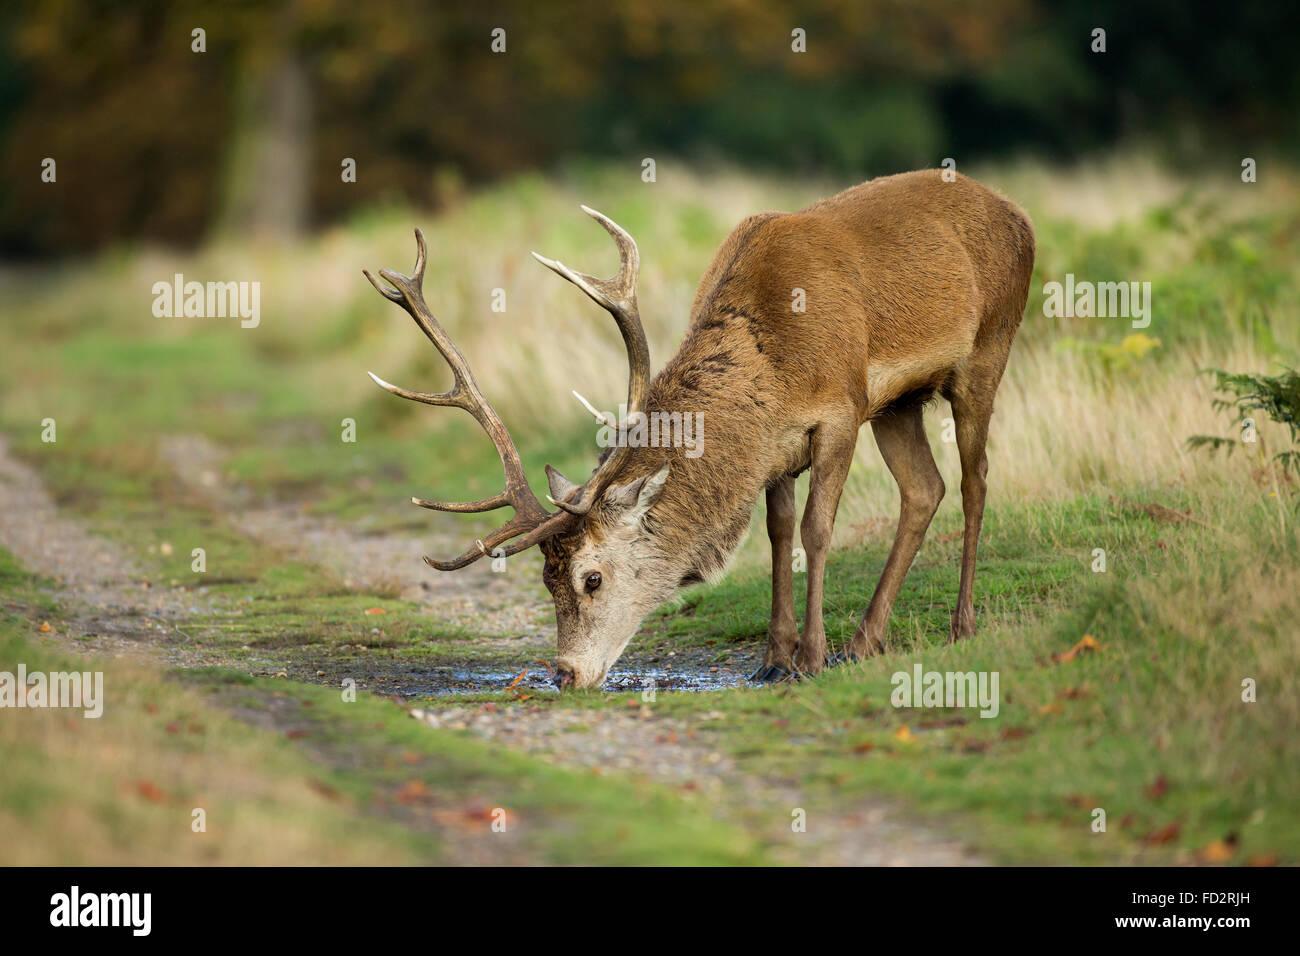 Red Deer (Cervus elaphus) stag boire d'une flaque d'eau durant la saison des amours Photo Stock